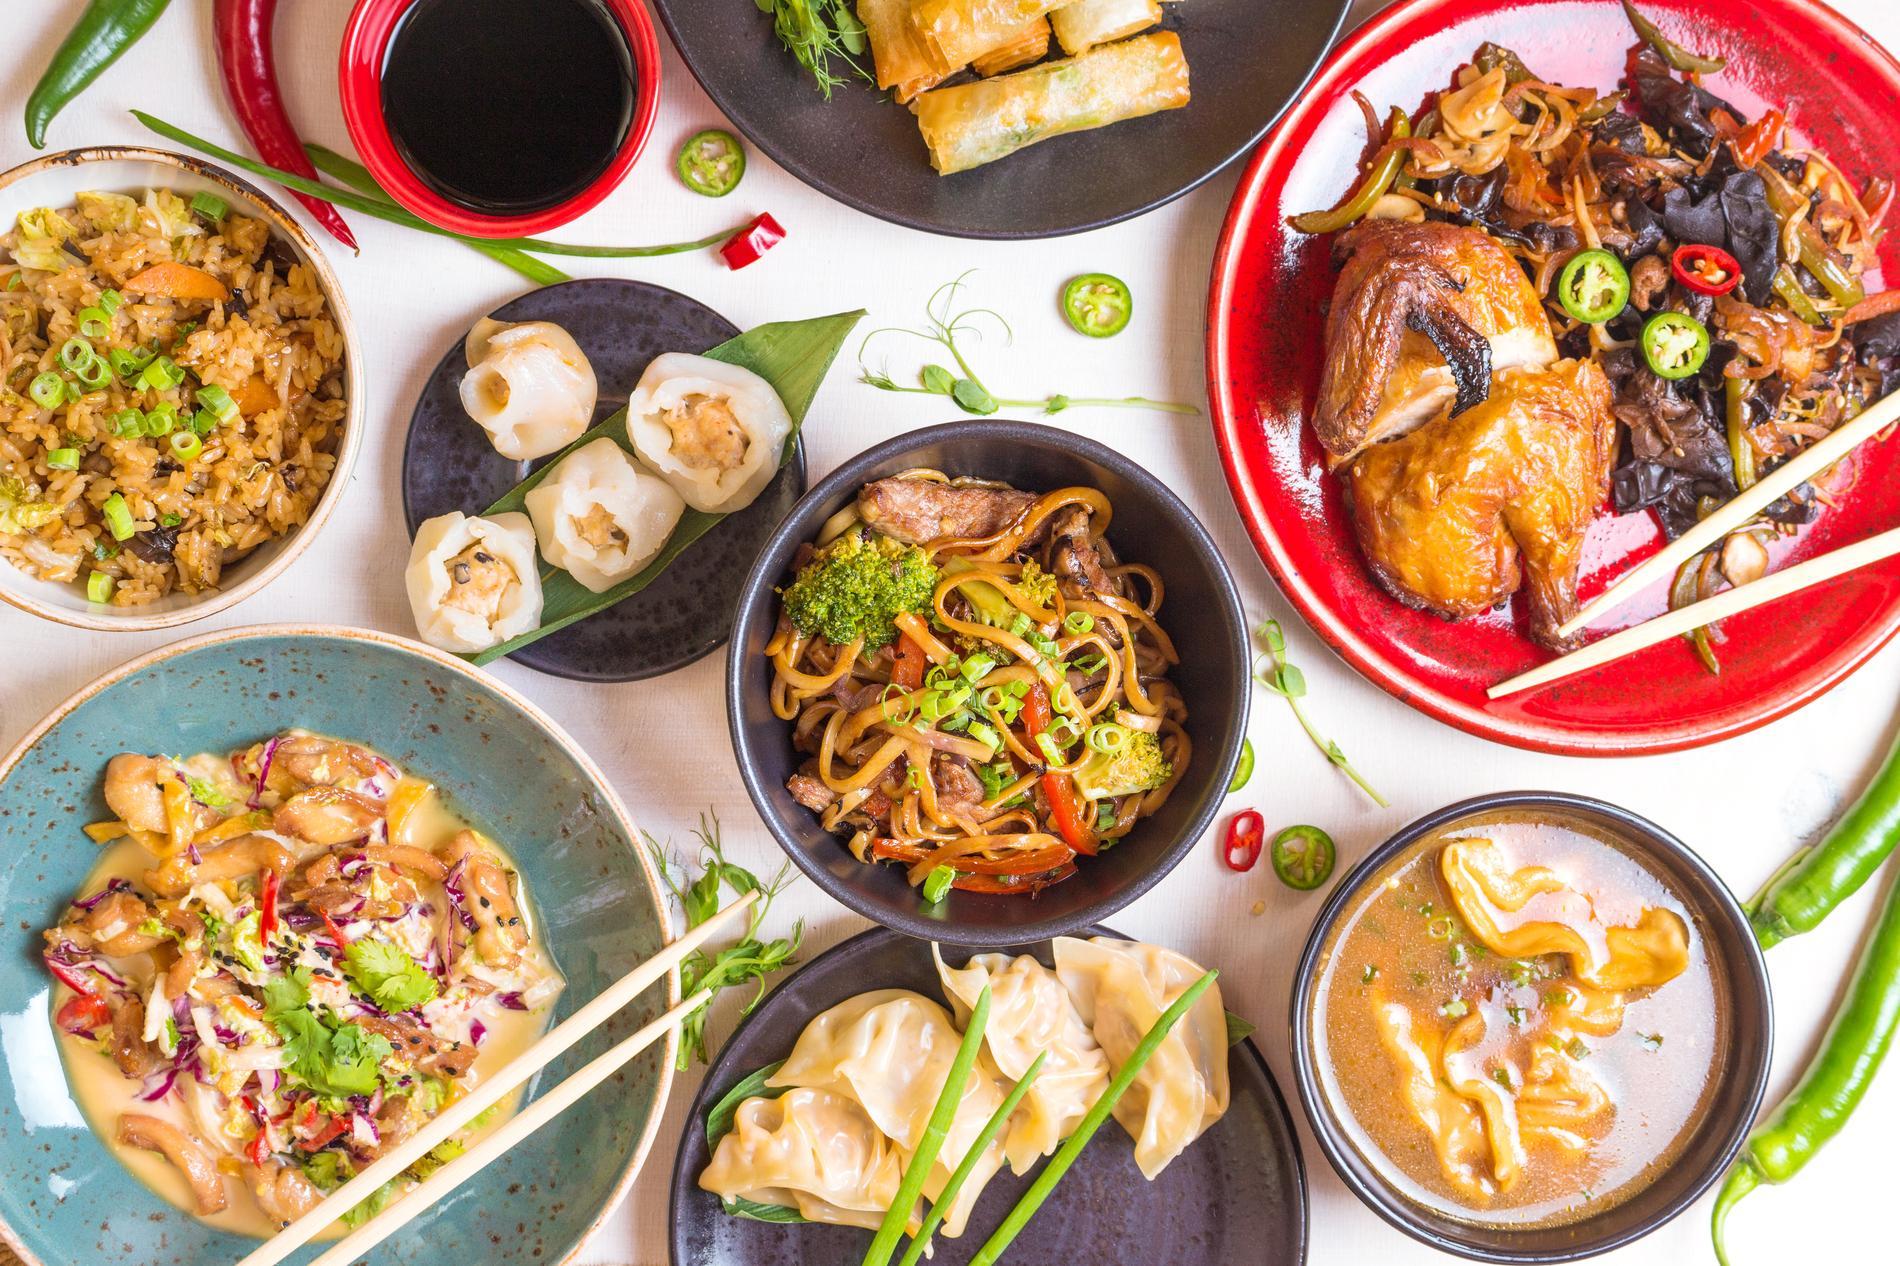 Toutes les recettes asiatiques - Cuisine asiatique et